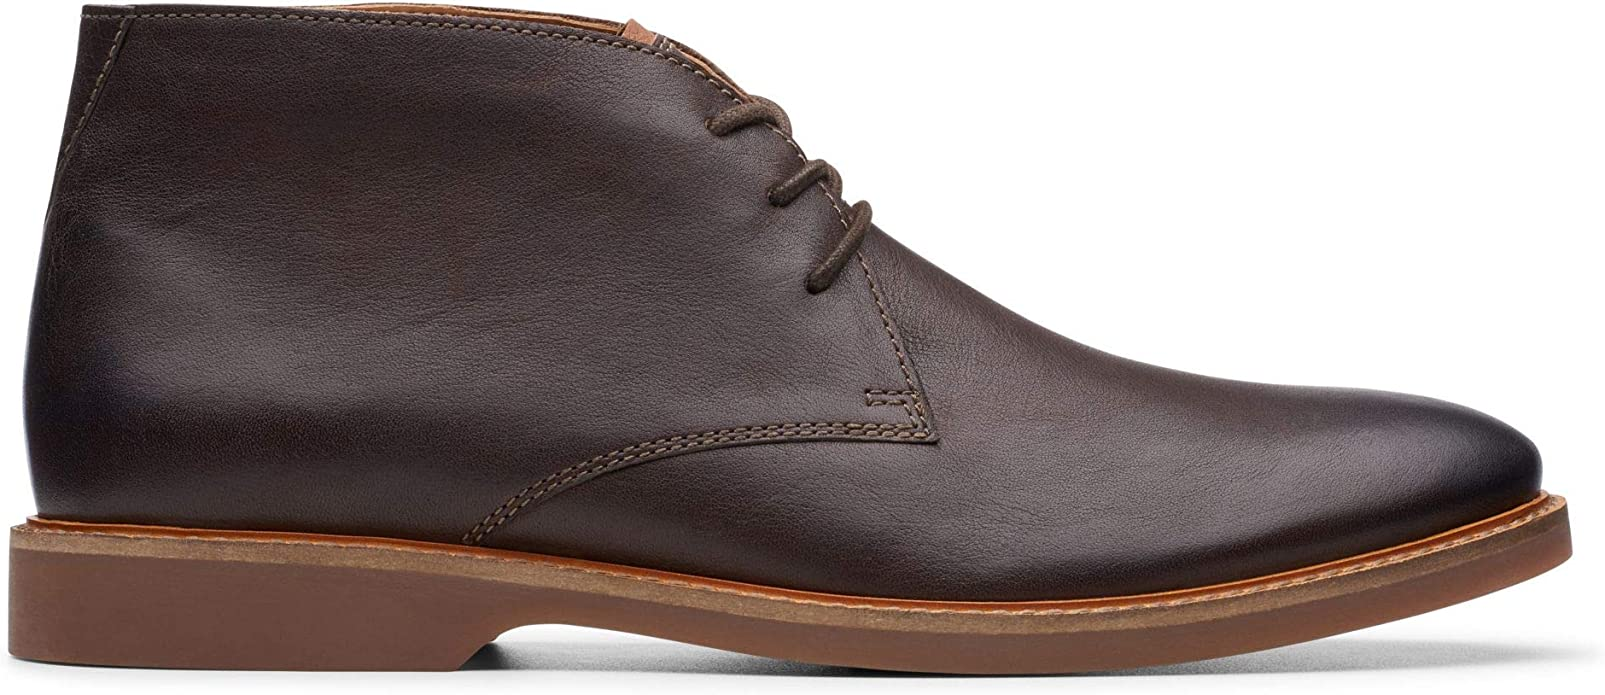 Mens Clarks Atticus Limit Black Nubuck G Fit Lace Up Desert Boots Size